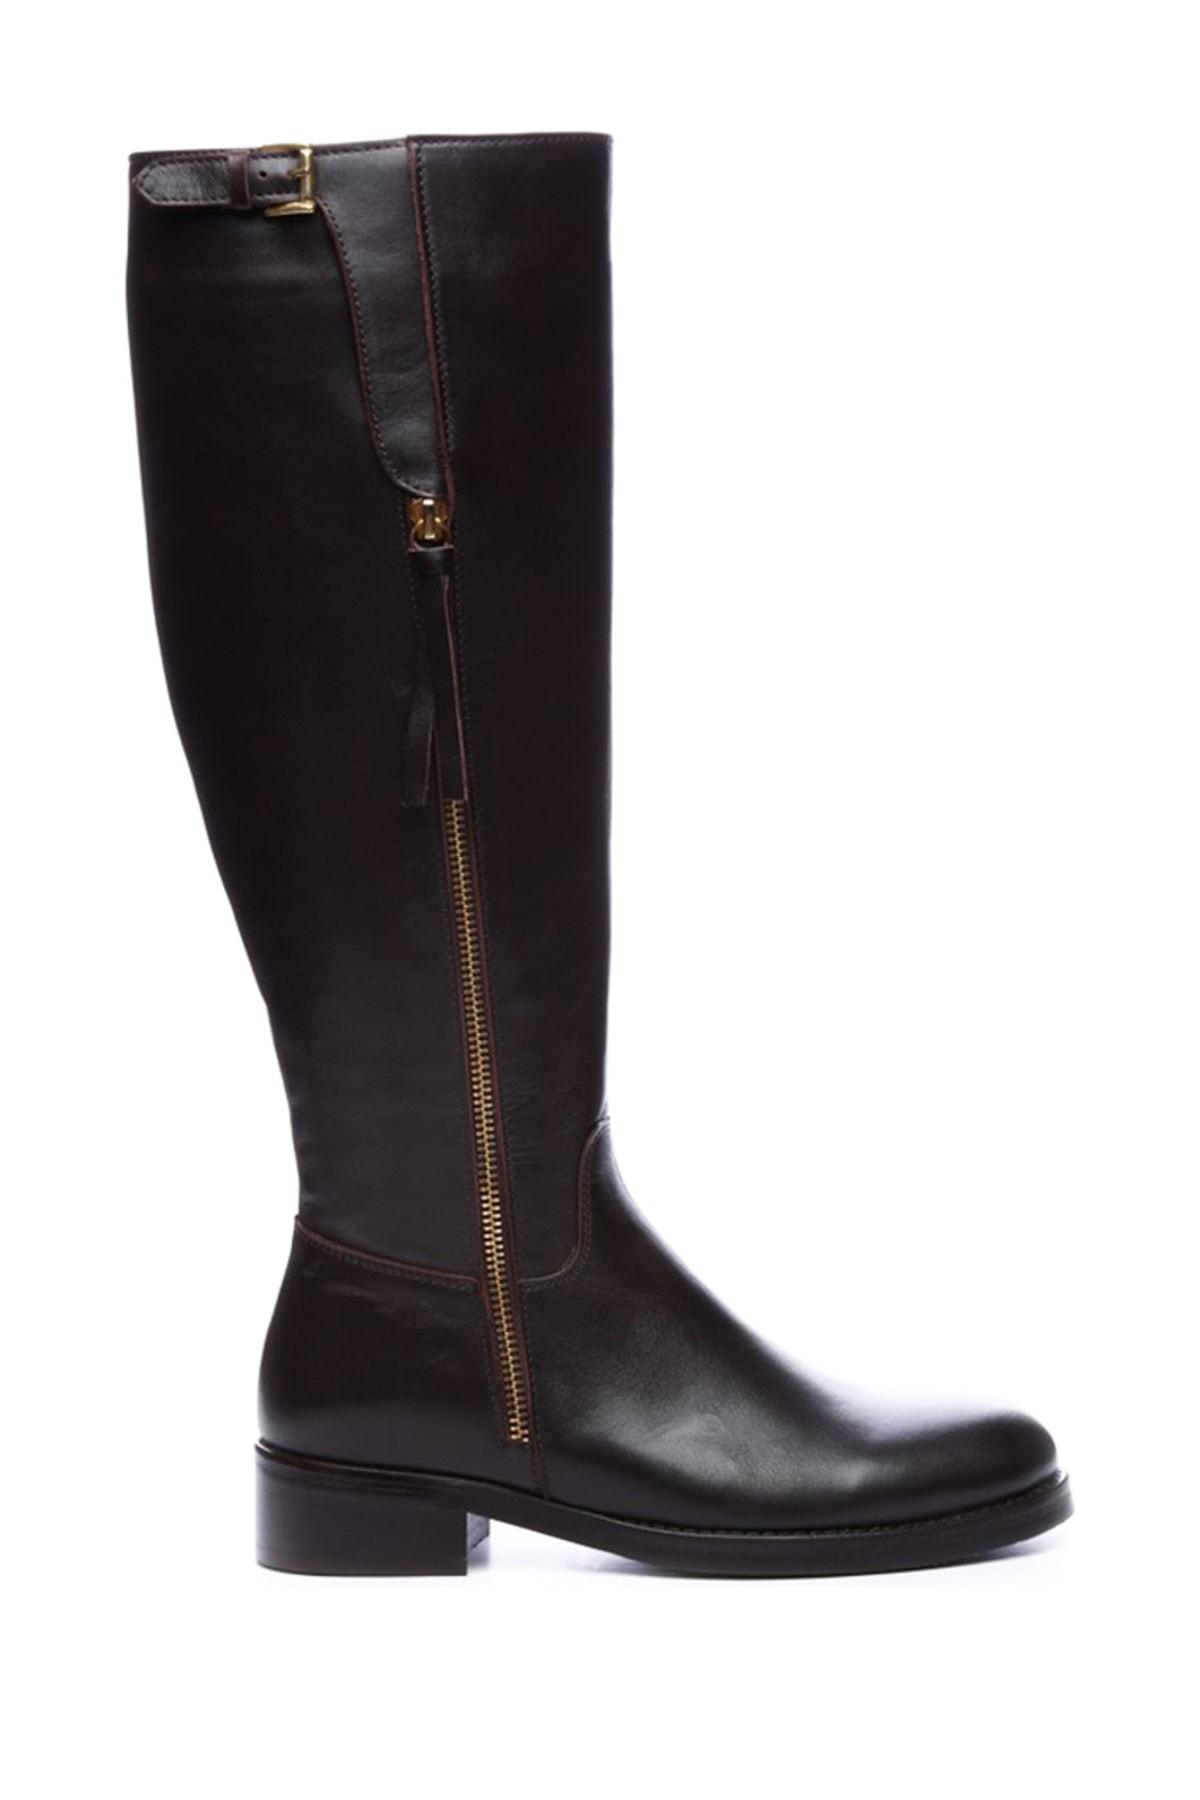 KEMAL TANCA Hakiki Deri Kahverengi Kadın Casual Çizme 51 6370 C BN CIZME 1